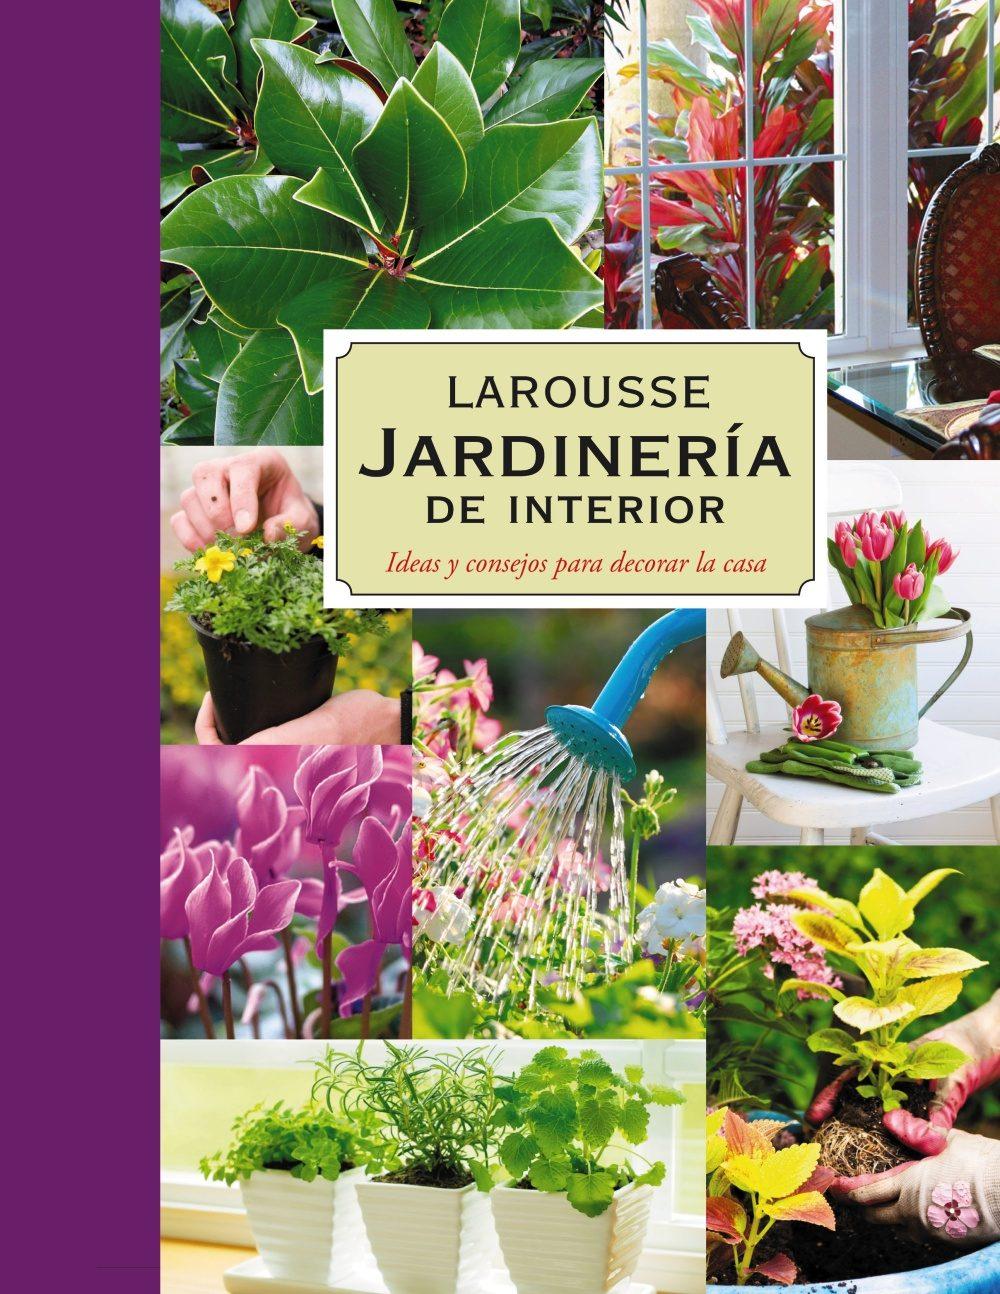 Jardineria plantas de interior vv aa comprar libro - Libros sobre jardineria ...